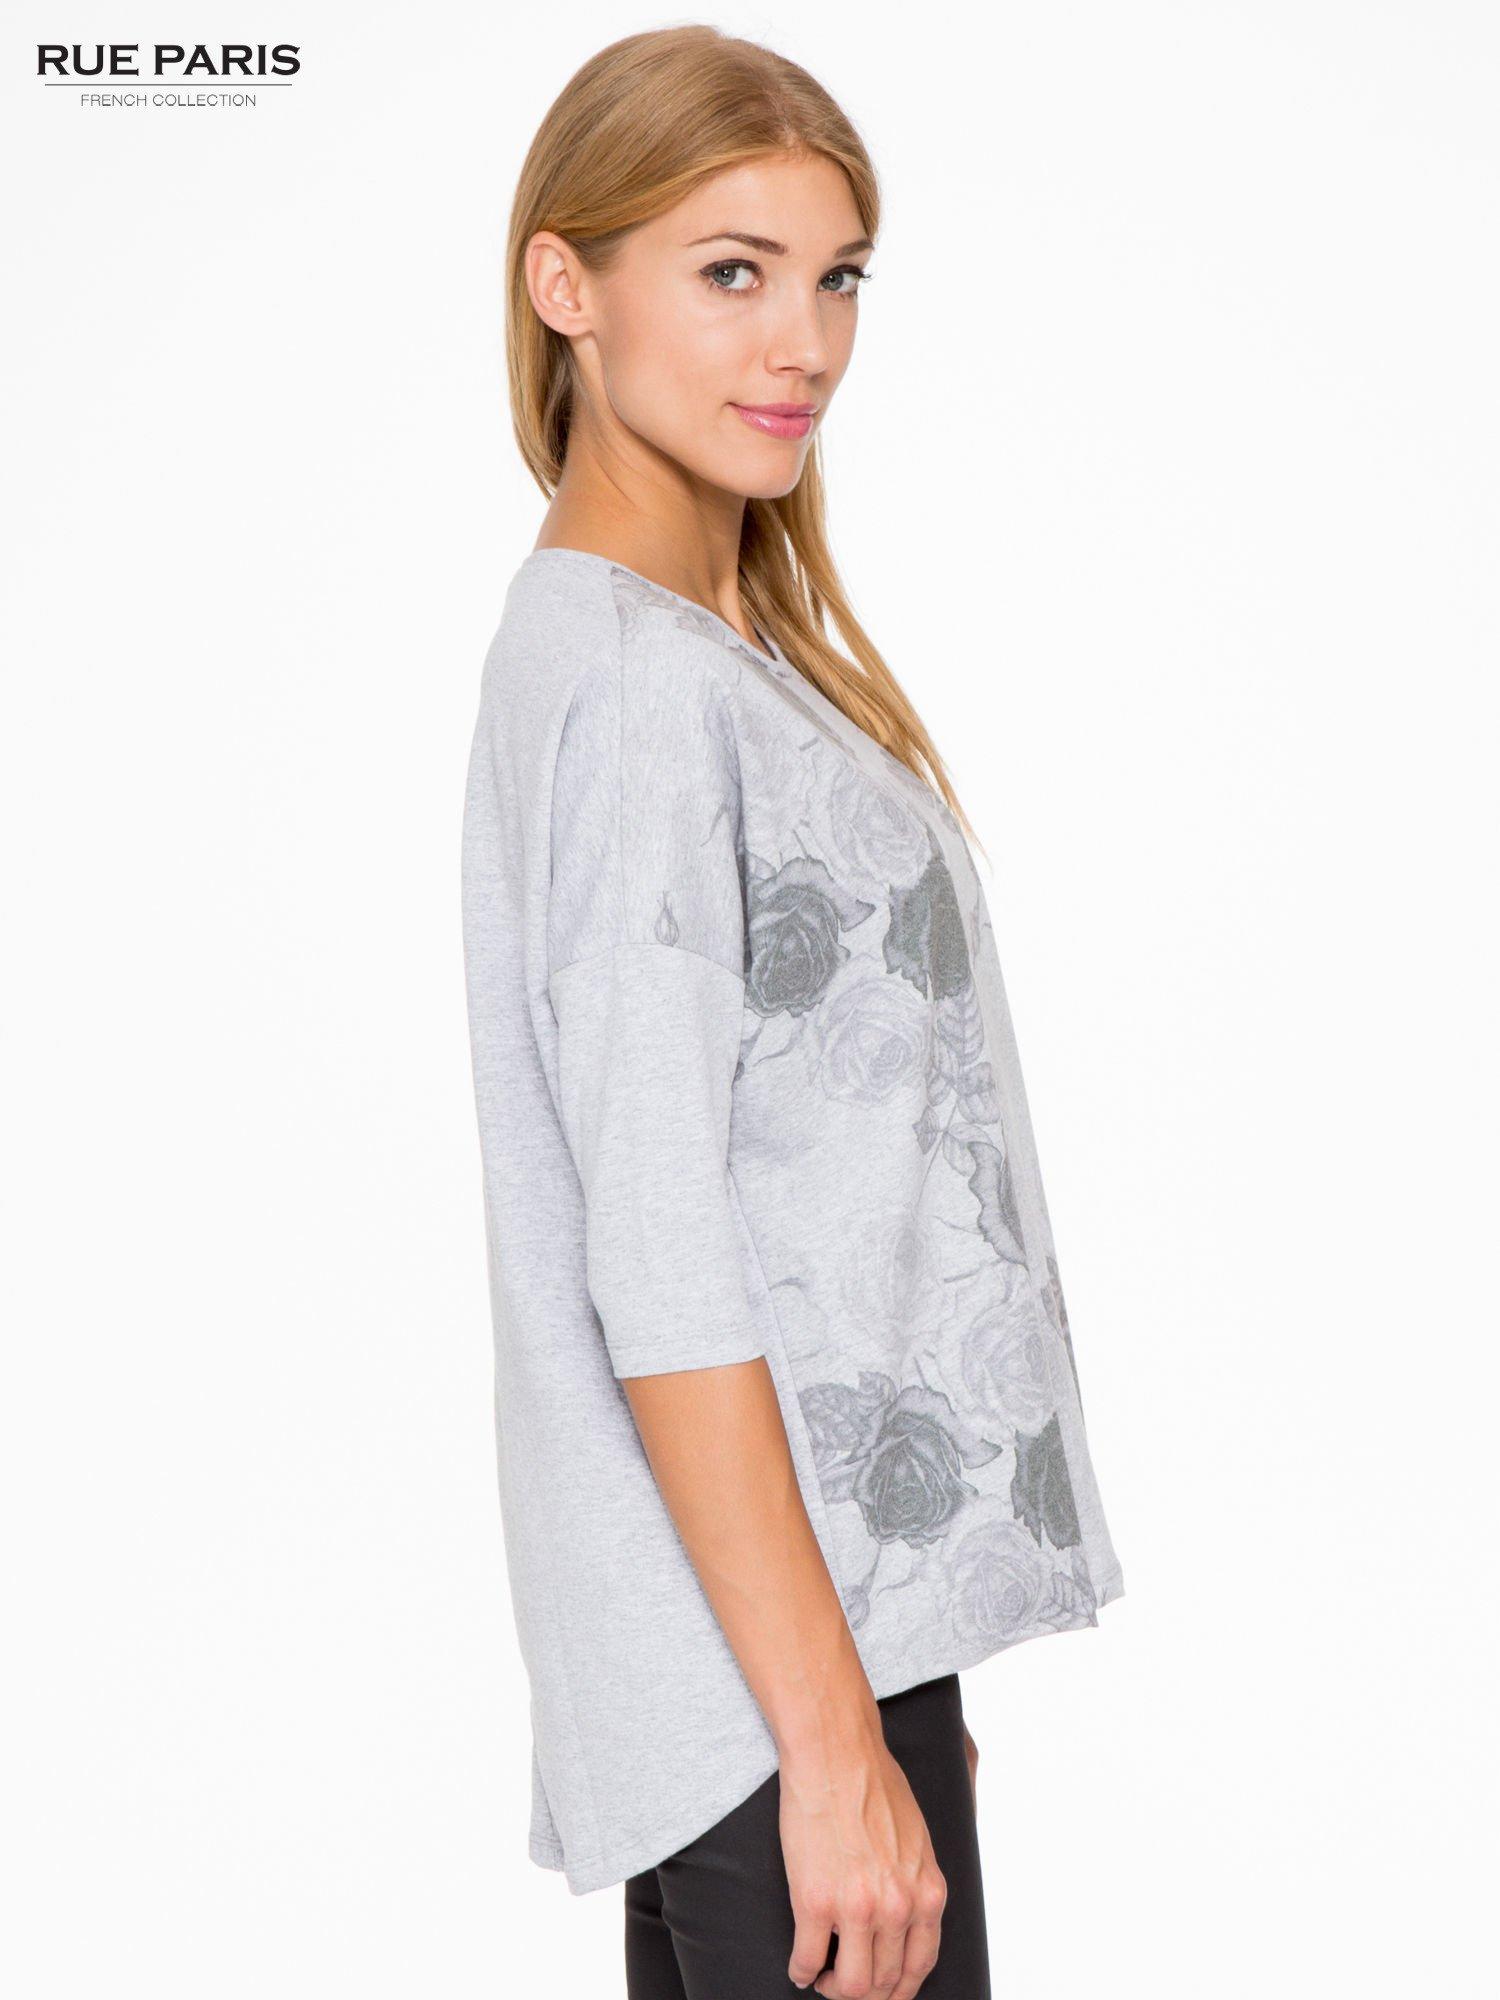 Jasnoszara bluza oversize z nadrukiem kwiatowym                                  zdj.                                  3